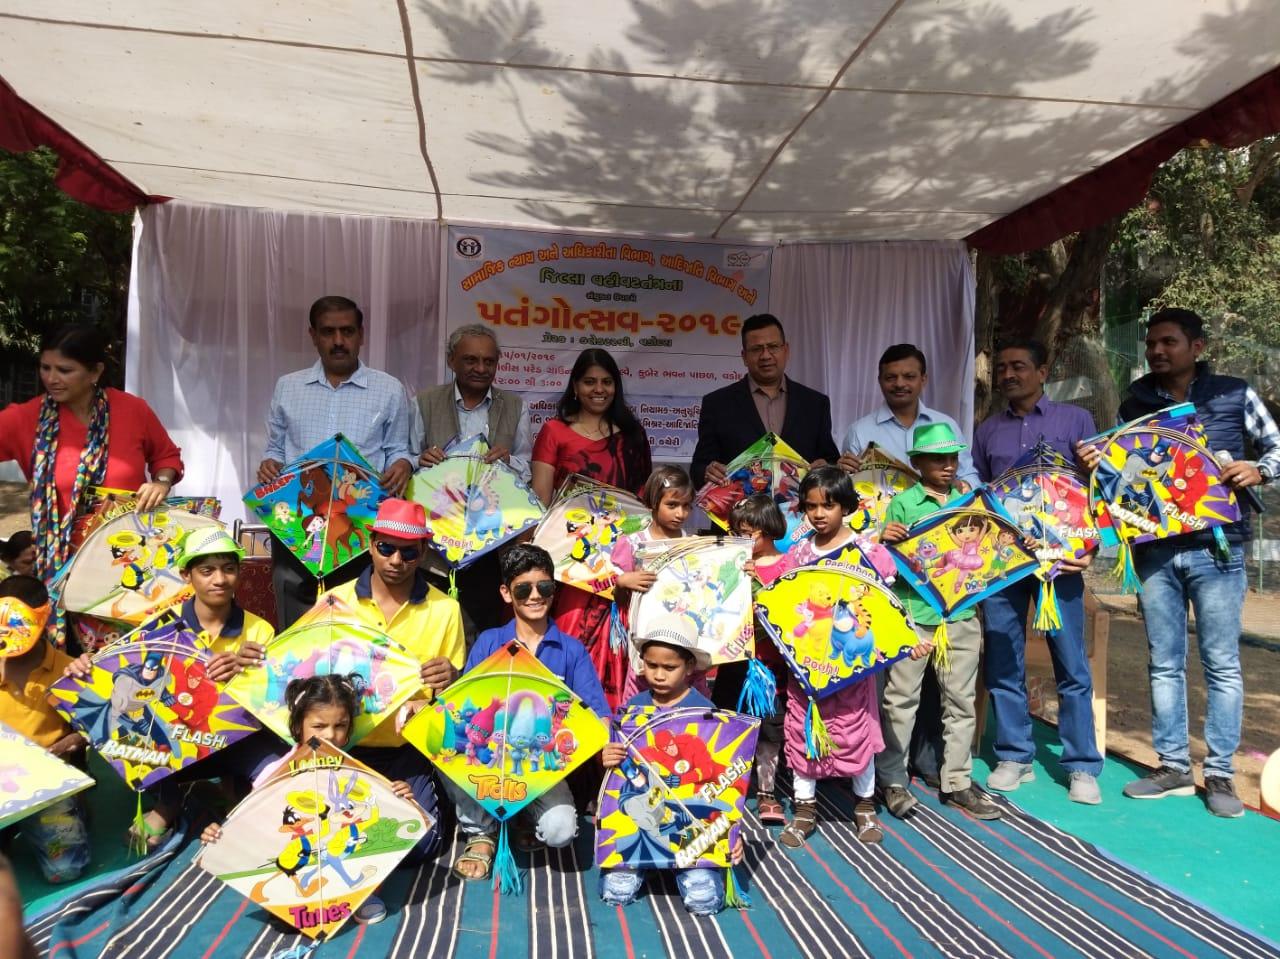 Hundreds of deprived children enjoyed kite flying in Vadodara